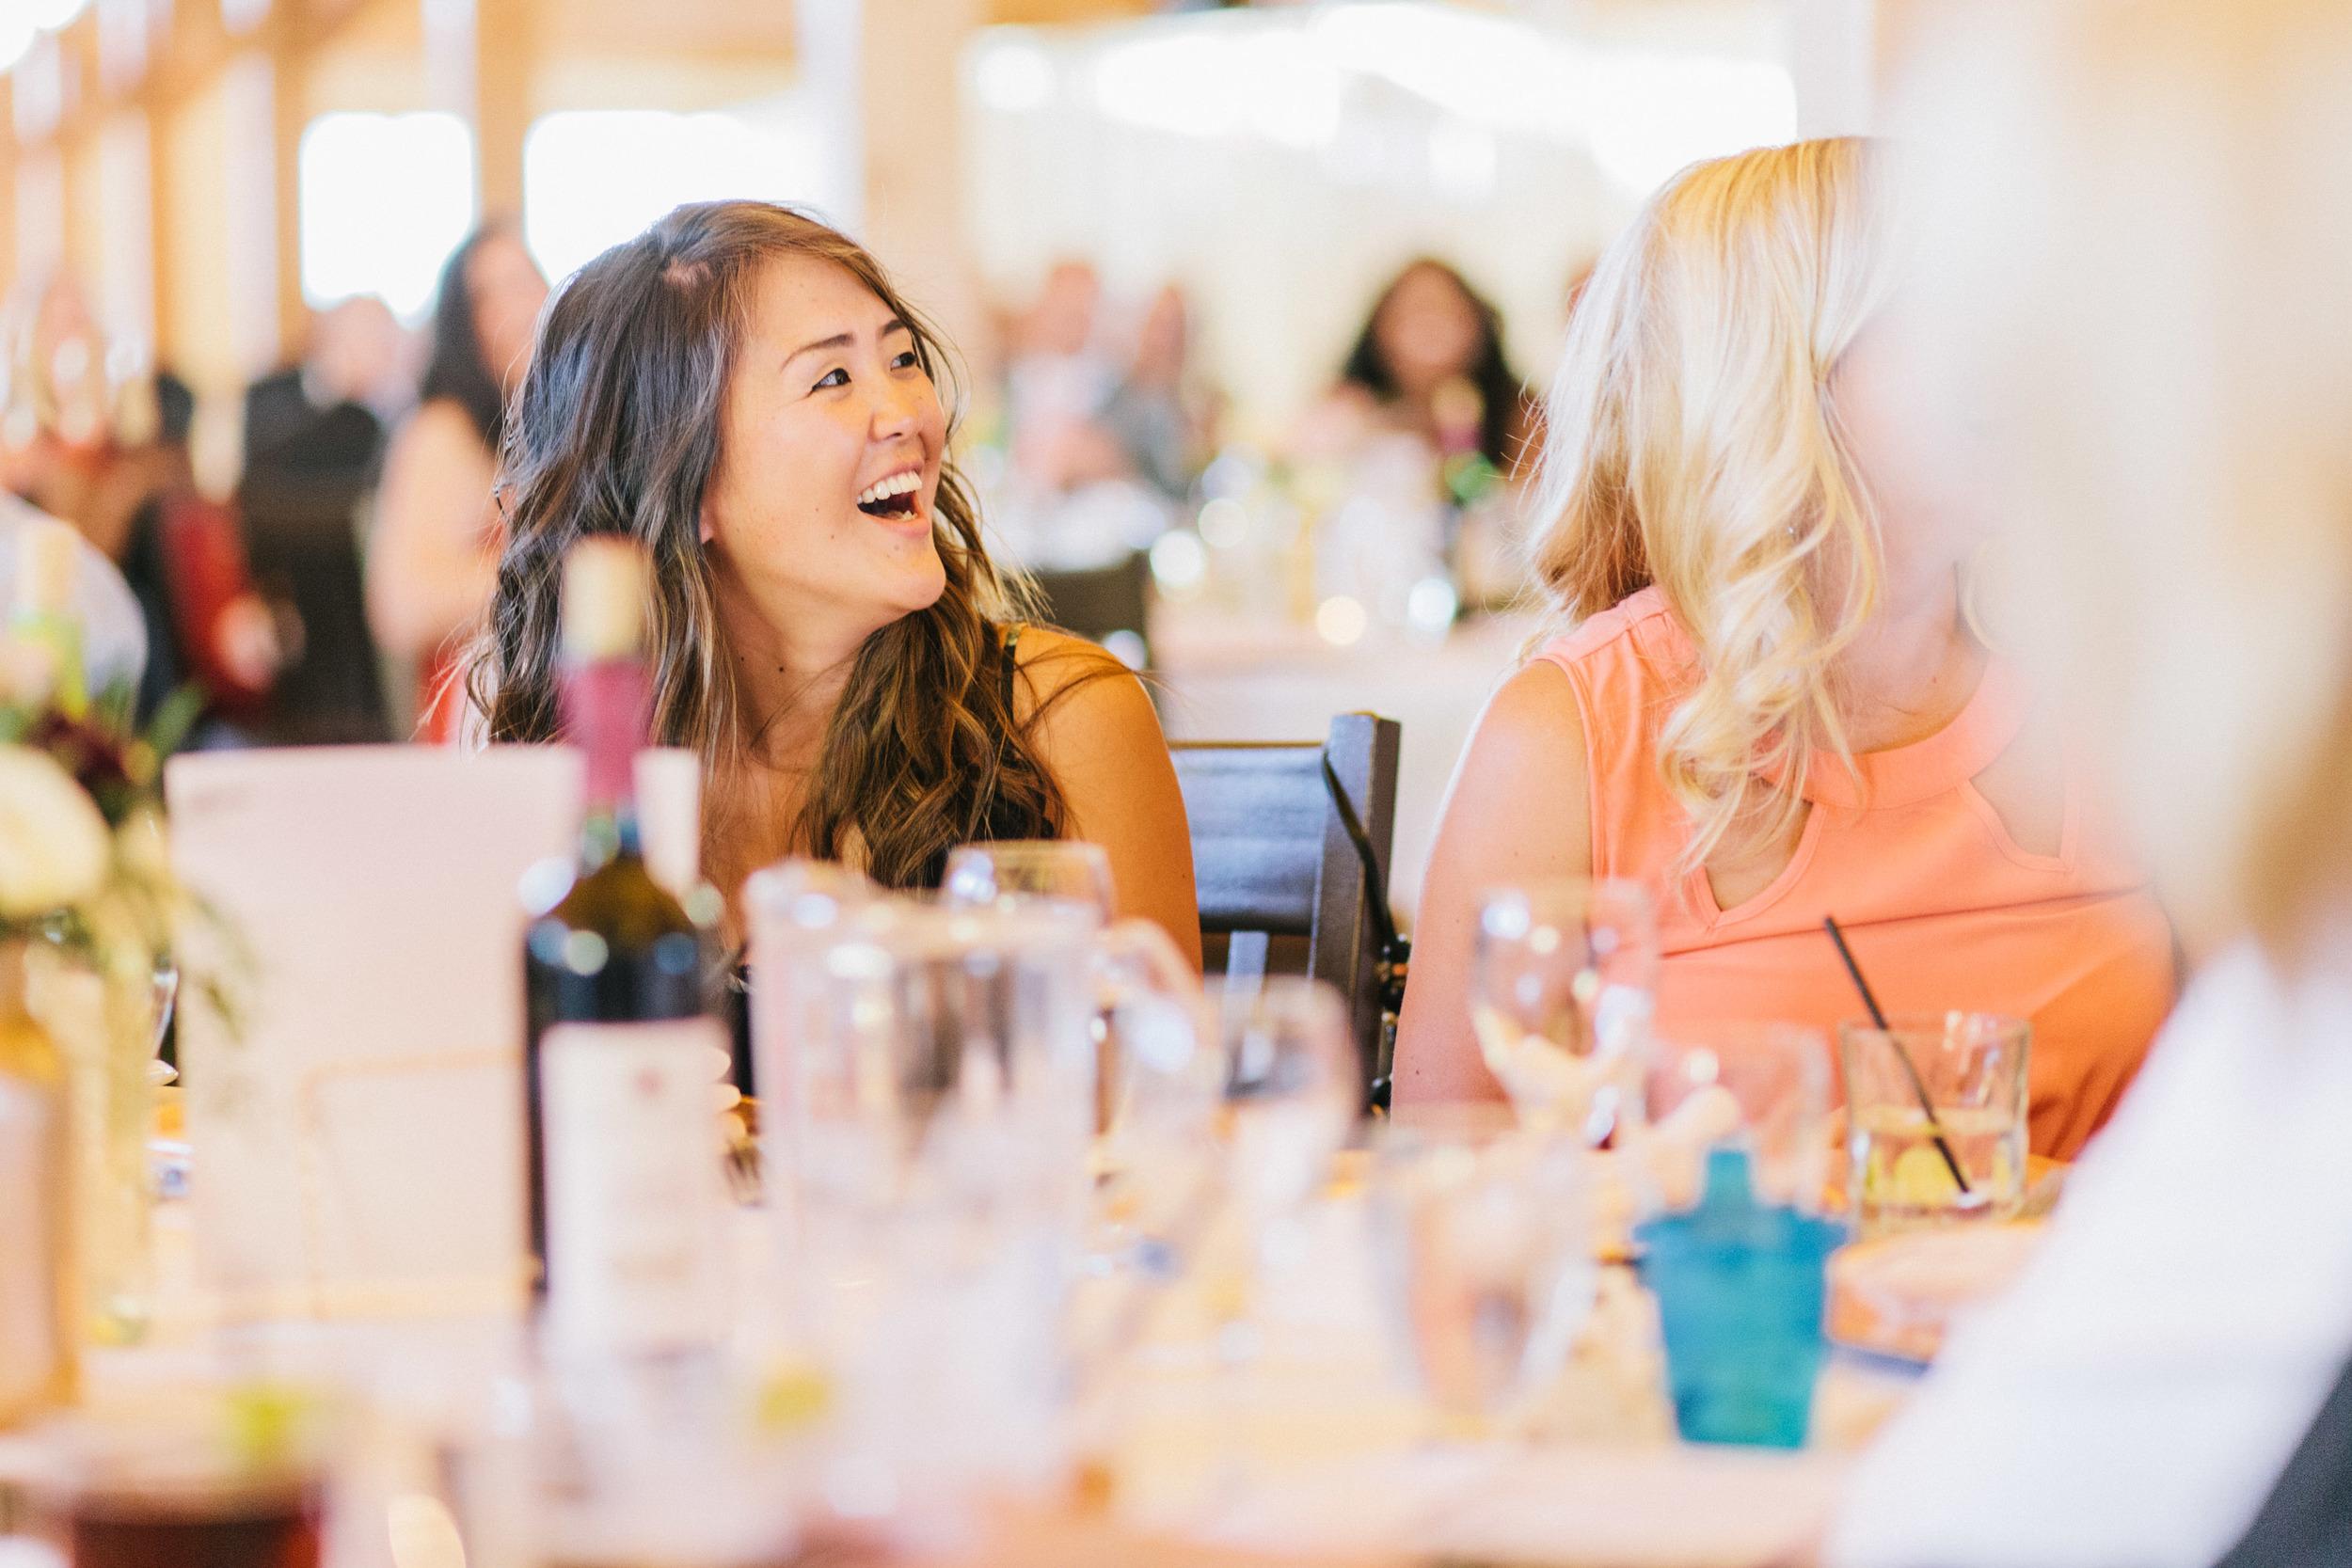 michael-rousseau-photography-shannae-ingleton-wedding-sean-craigleith-ski-club-wedding079.jpg